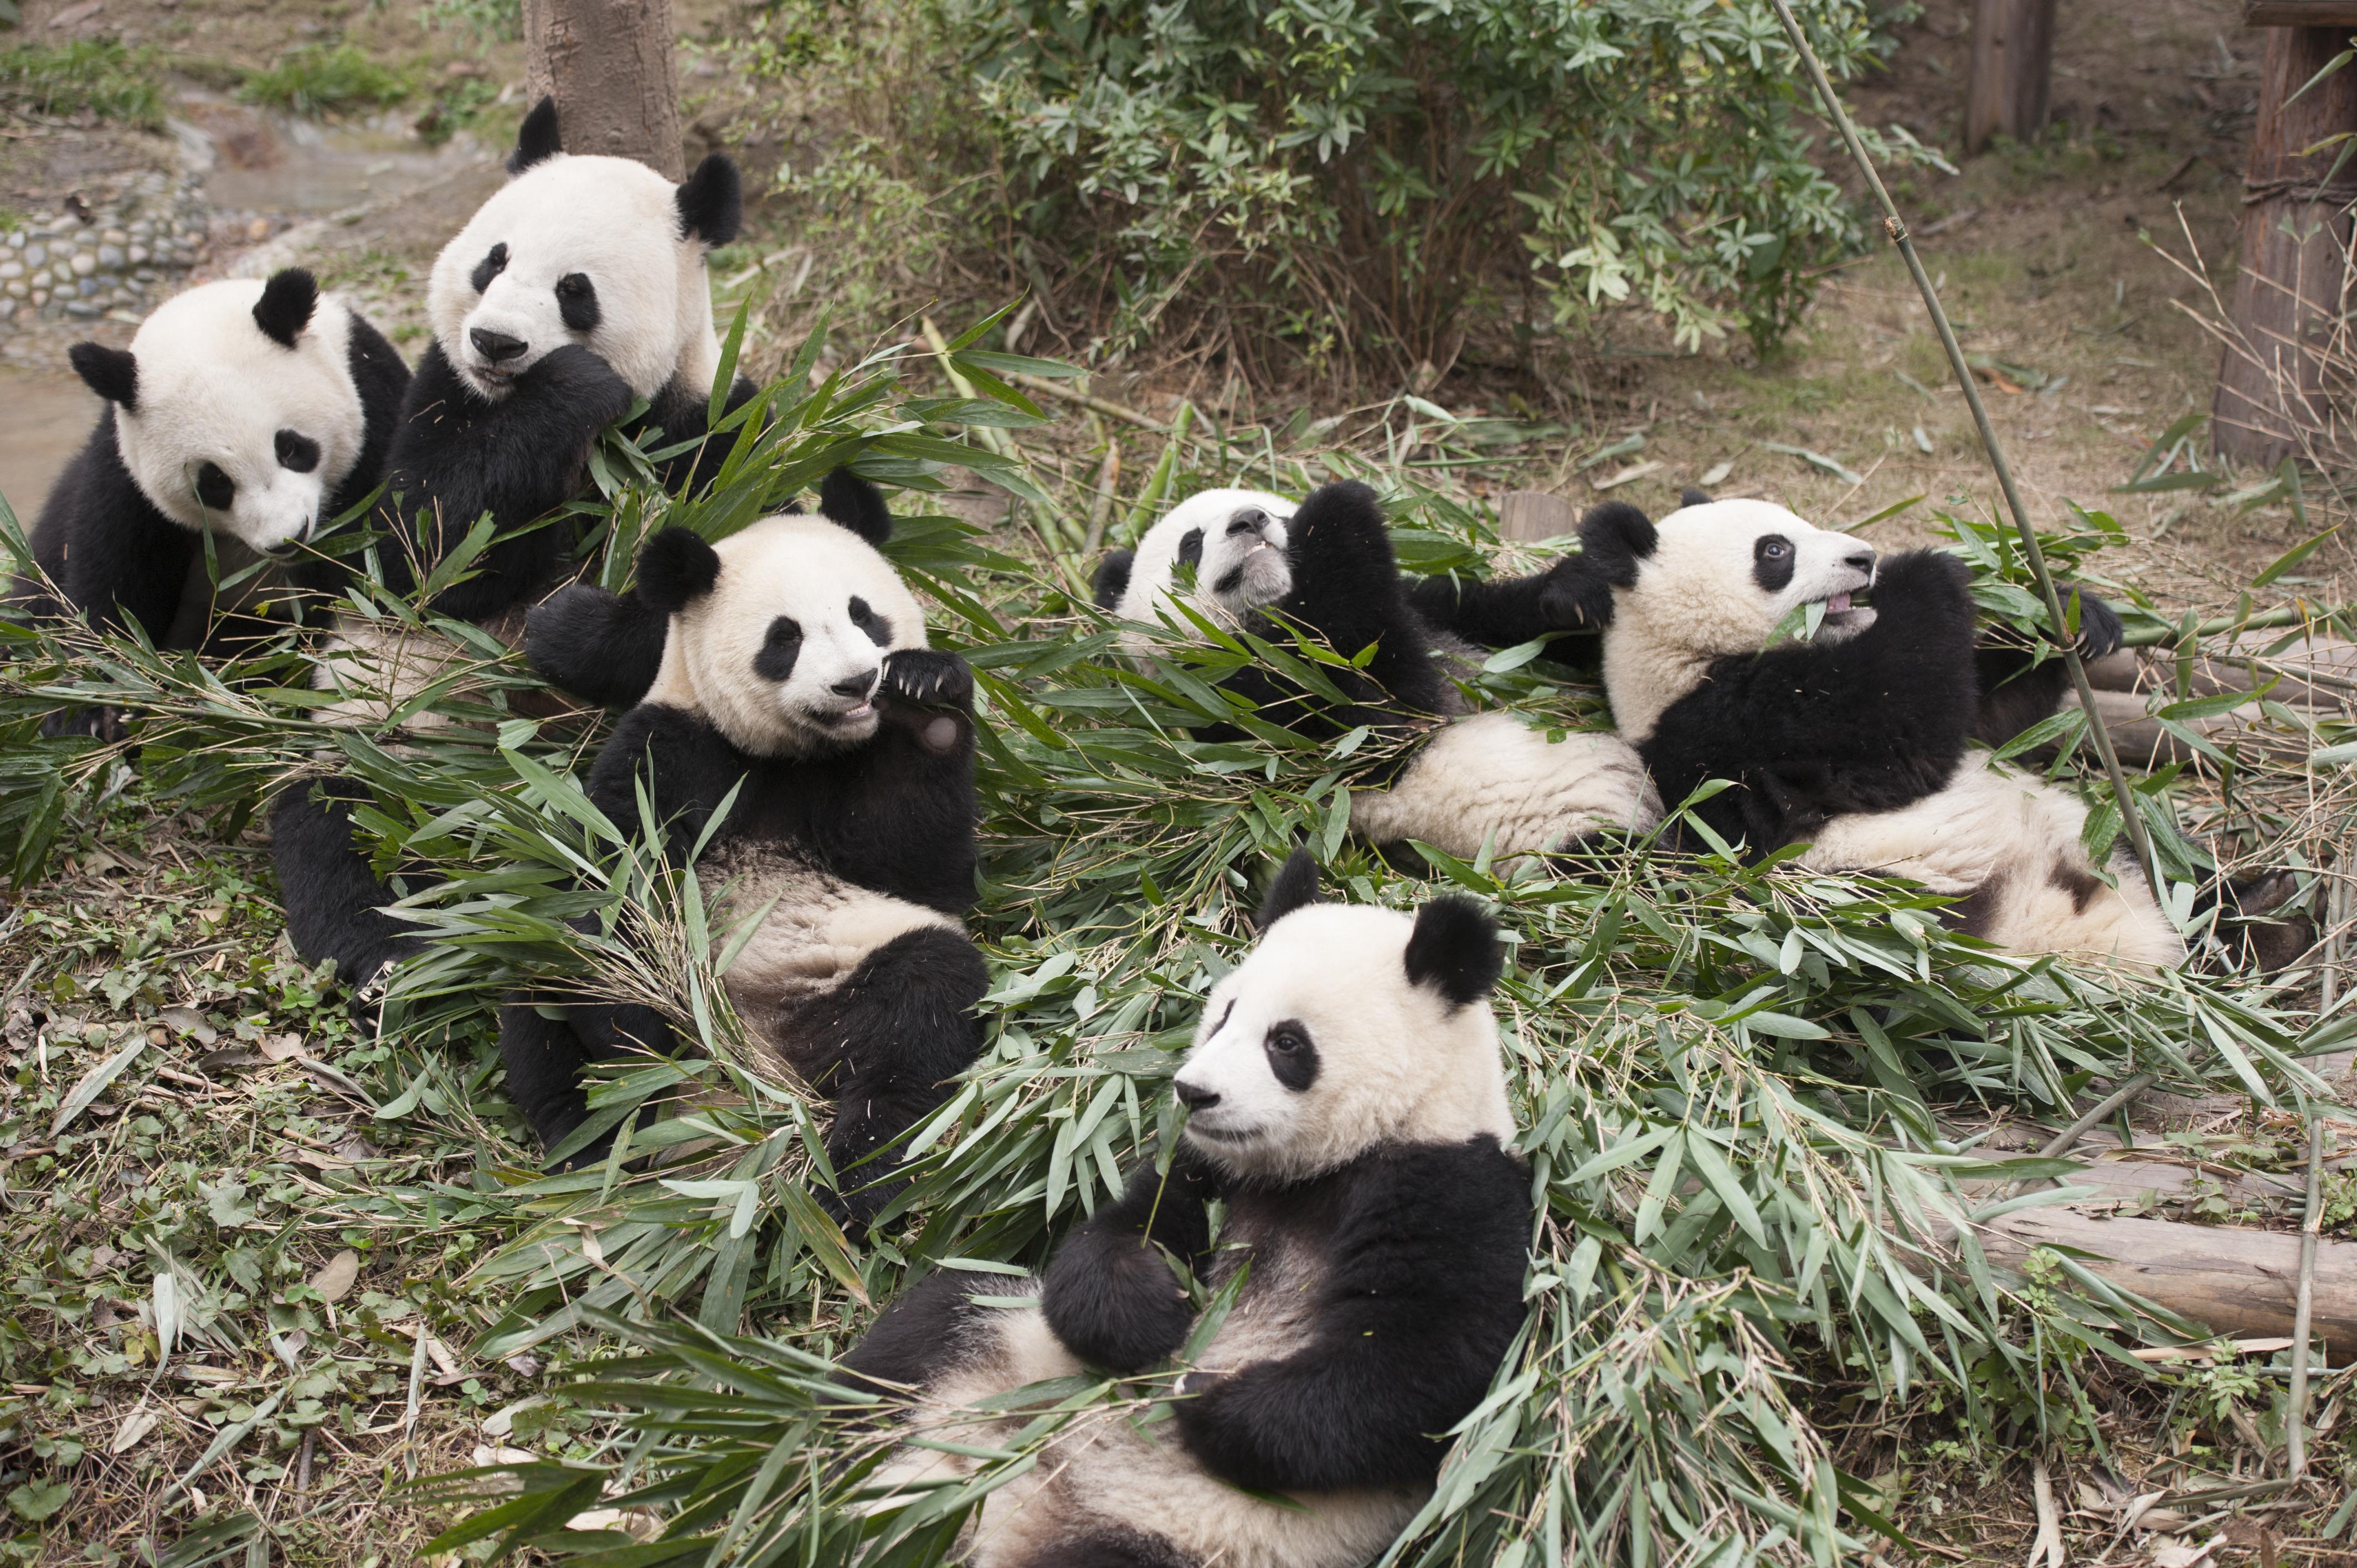 Pandas 3D movie baby pandas